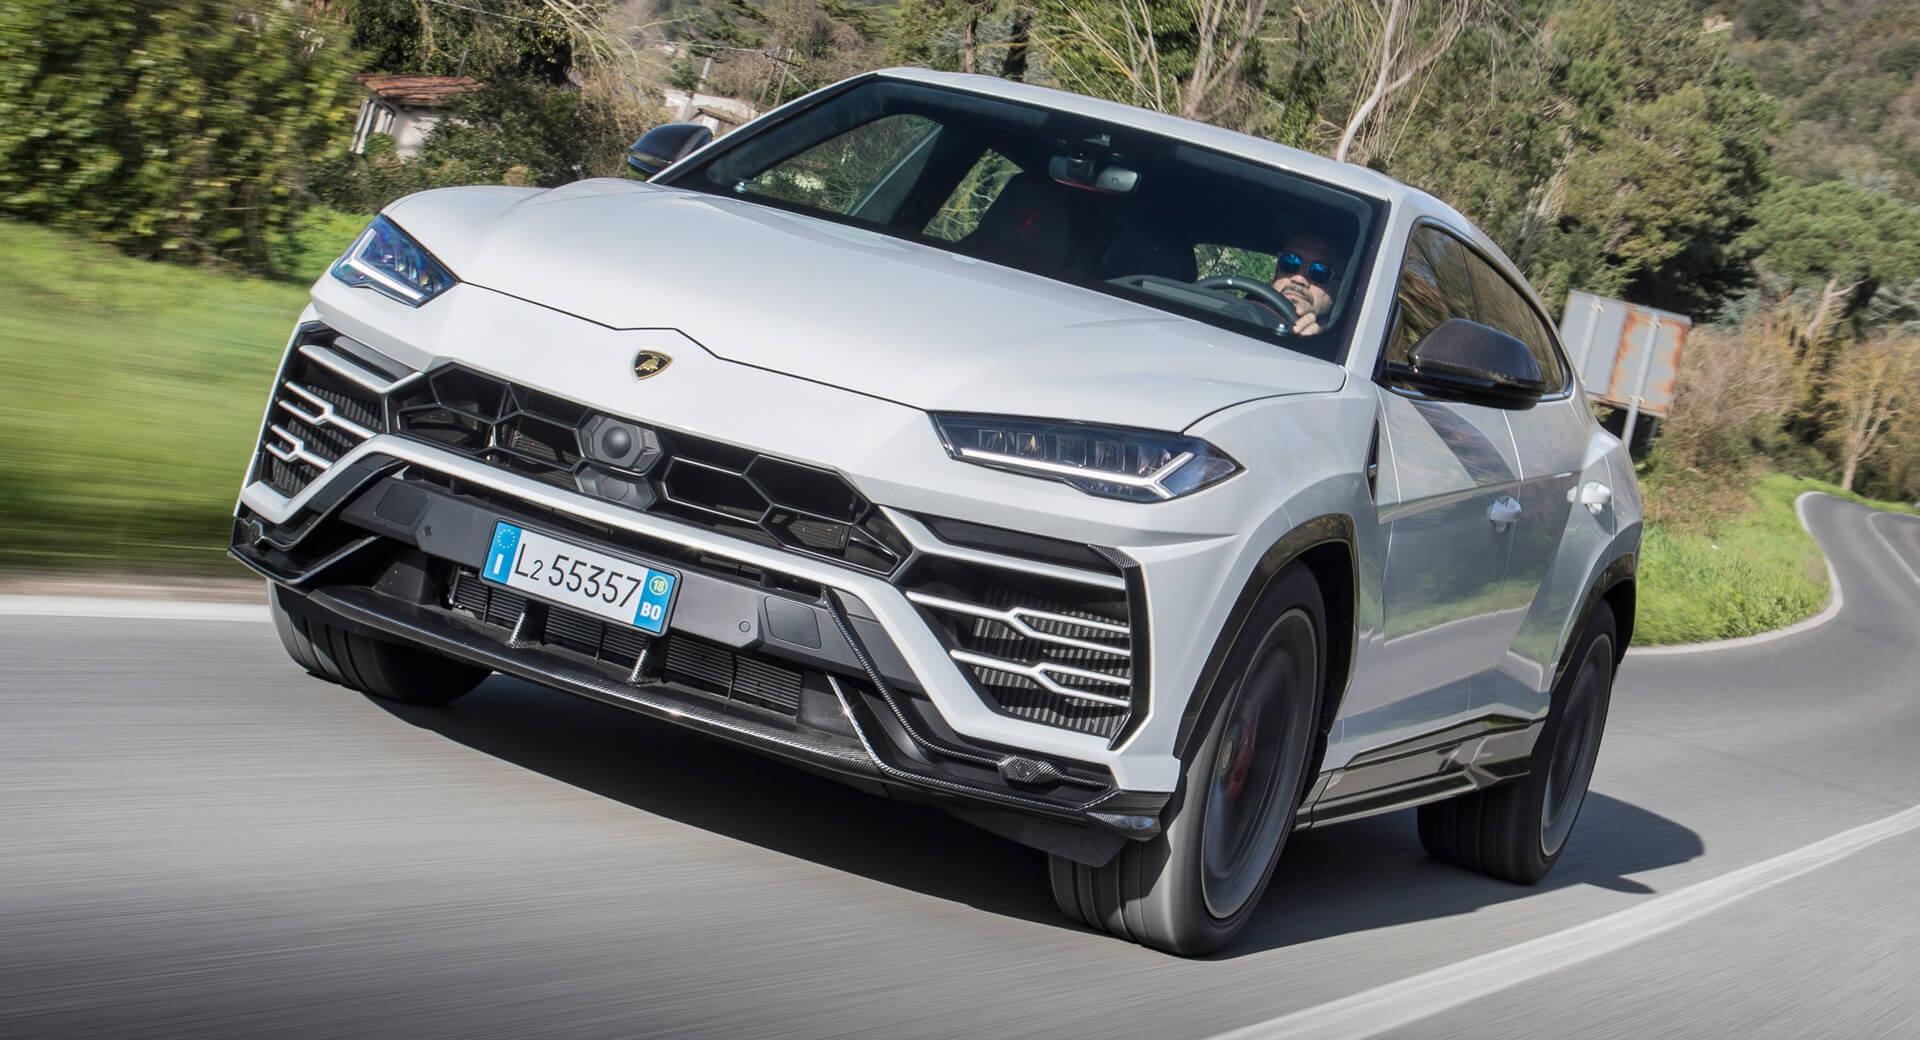 Mẫu xe nào của Lamborghini đang bán chạy nhất? - 1